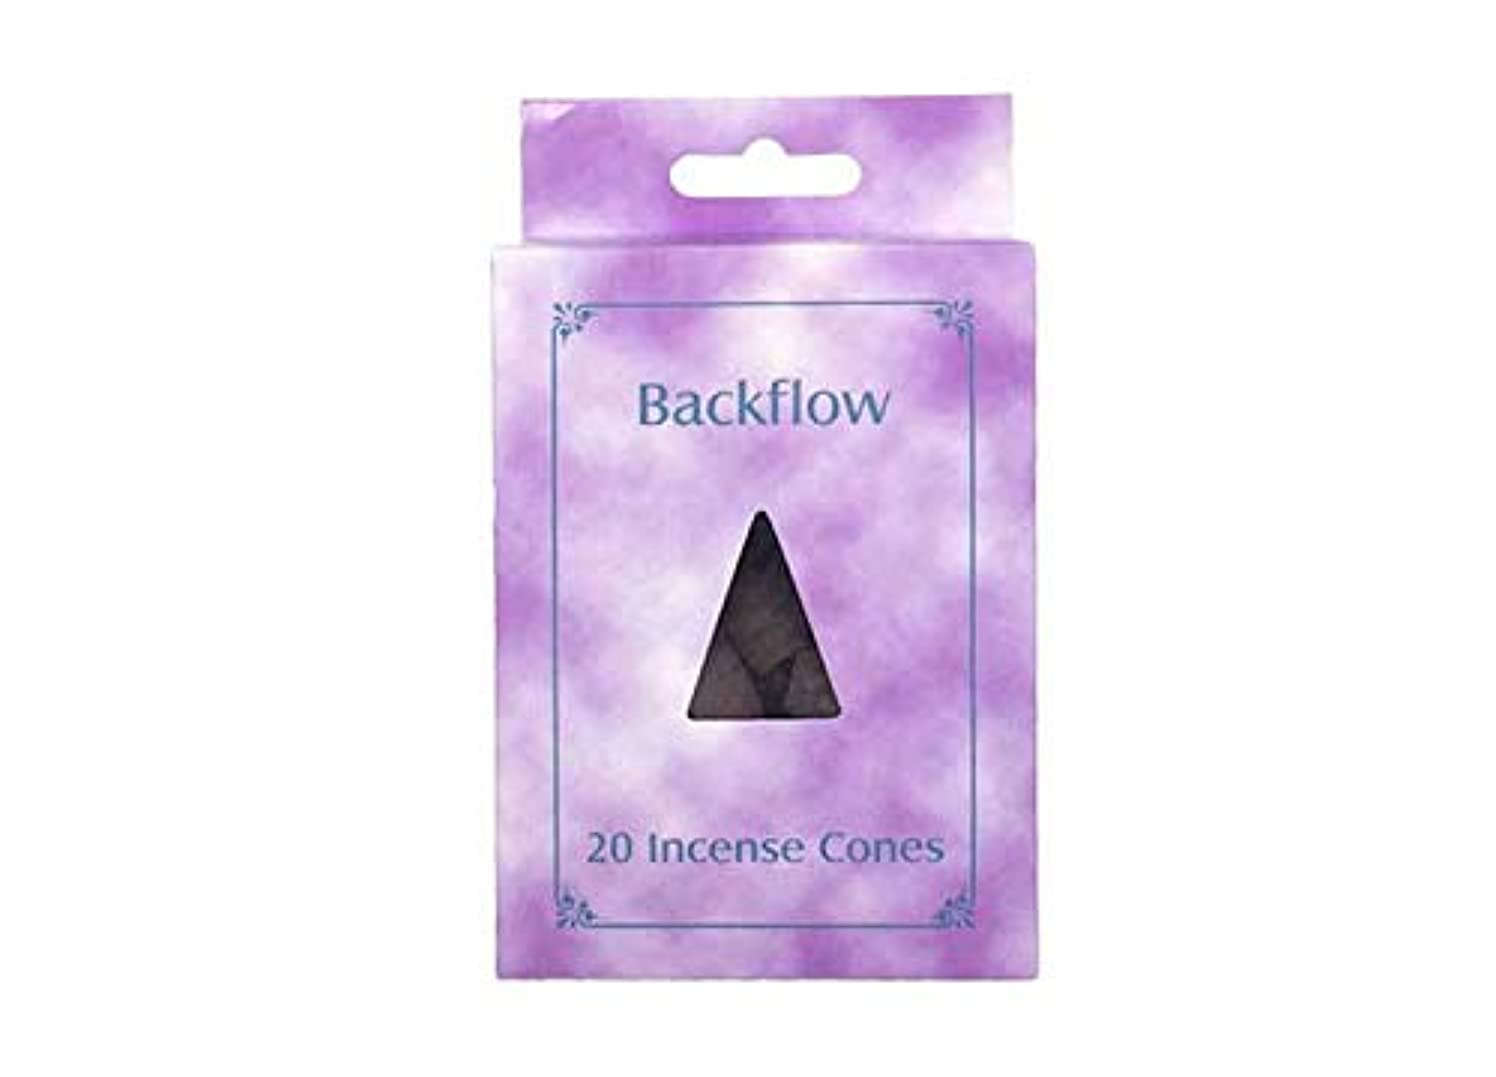 市町村延期する医療のお香 逆流コーン 逆流香 20p サンダルウッド Backflow Incense Cones 20p Sandalwood